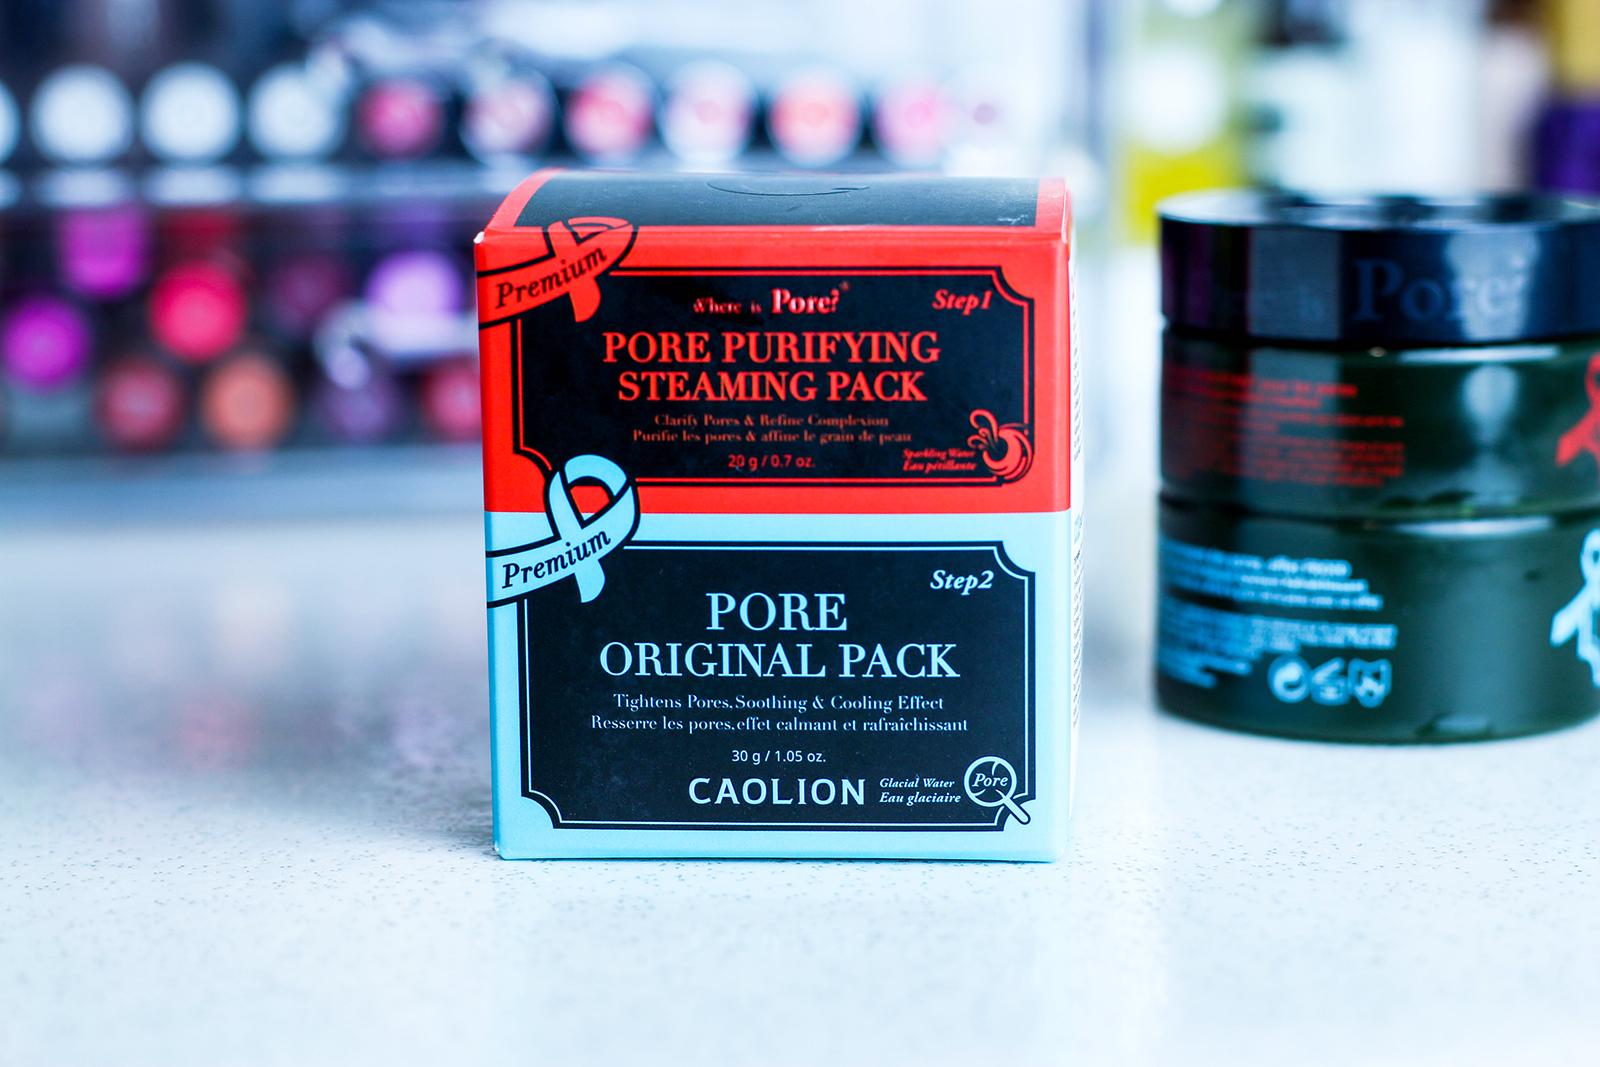 Masque chaud/froid Caolion : la solution miracle pour les pores dilatés ?